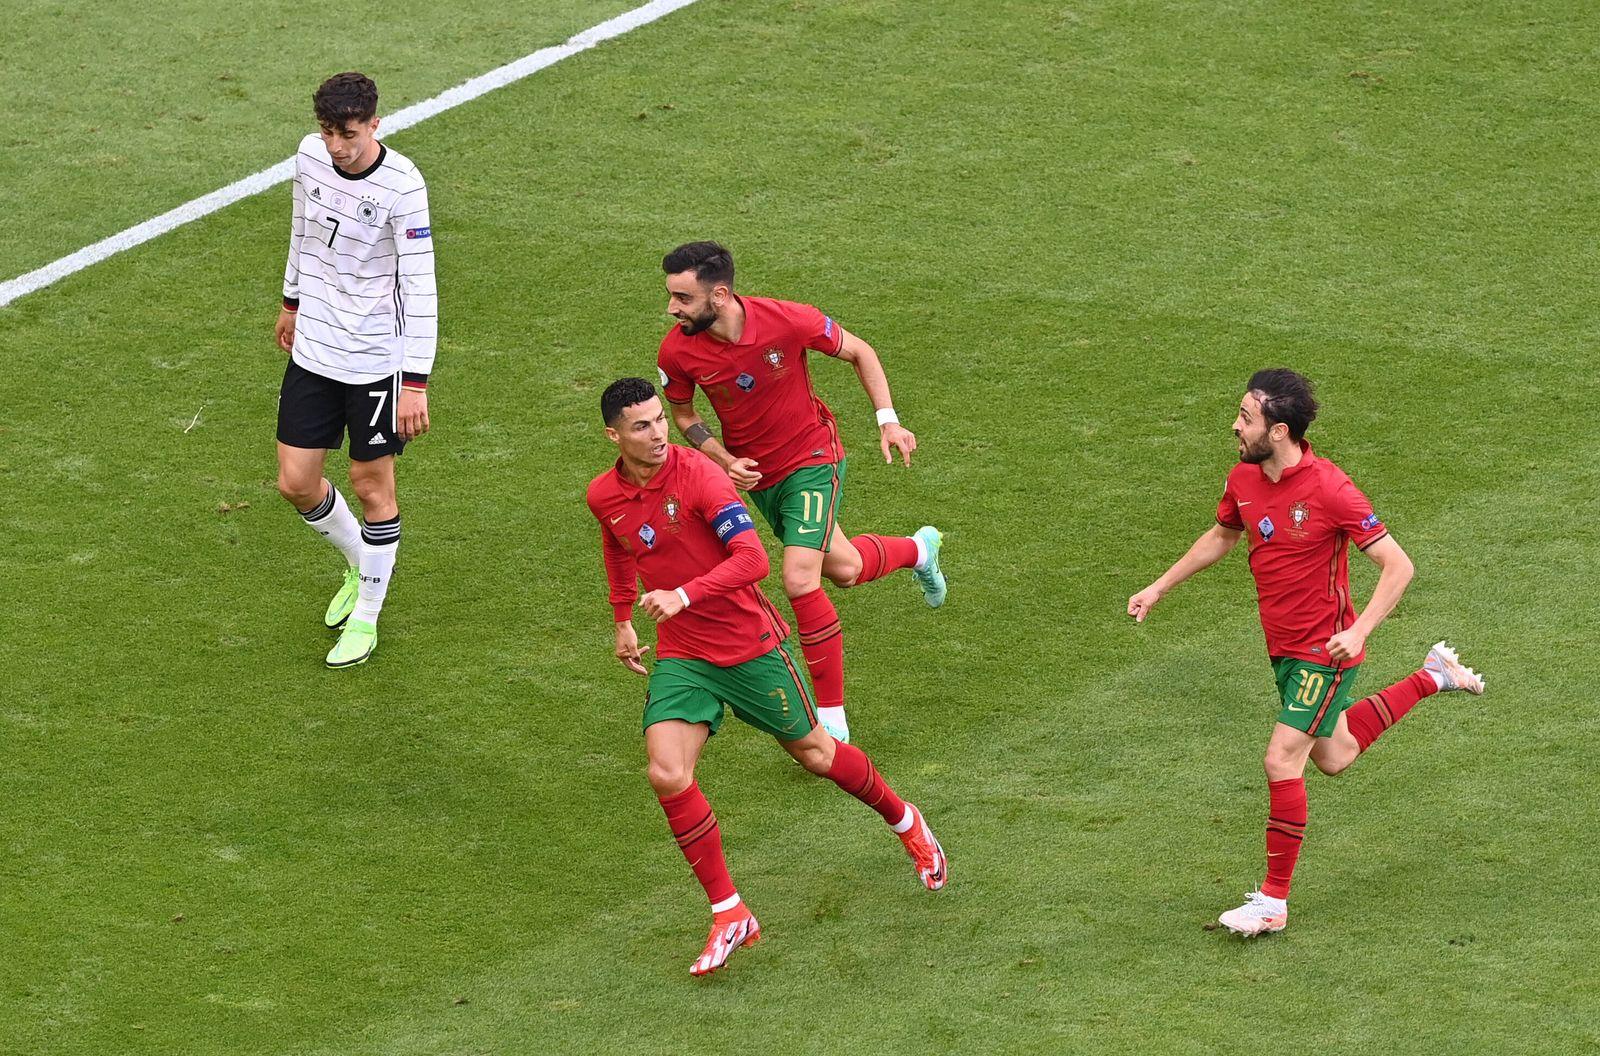 Fussball, Herren, Saison 2020/21, Euro 2020, Gruppe F (2. Spieltag) in München, Portugal - Deutschland, v. l. Christiano